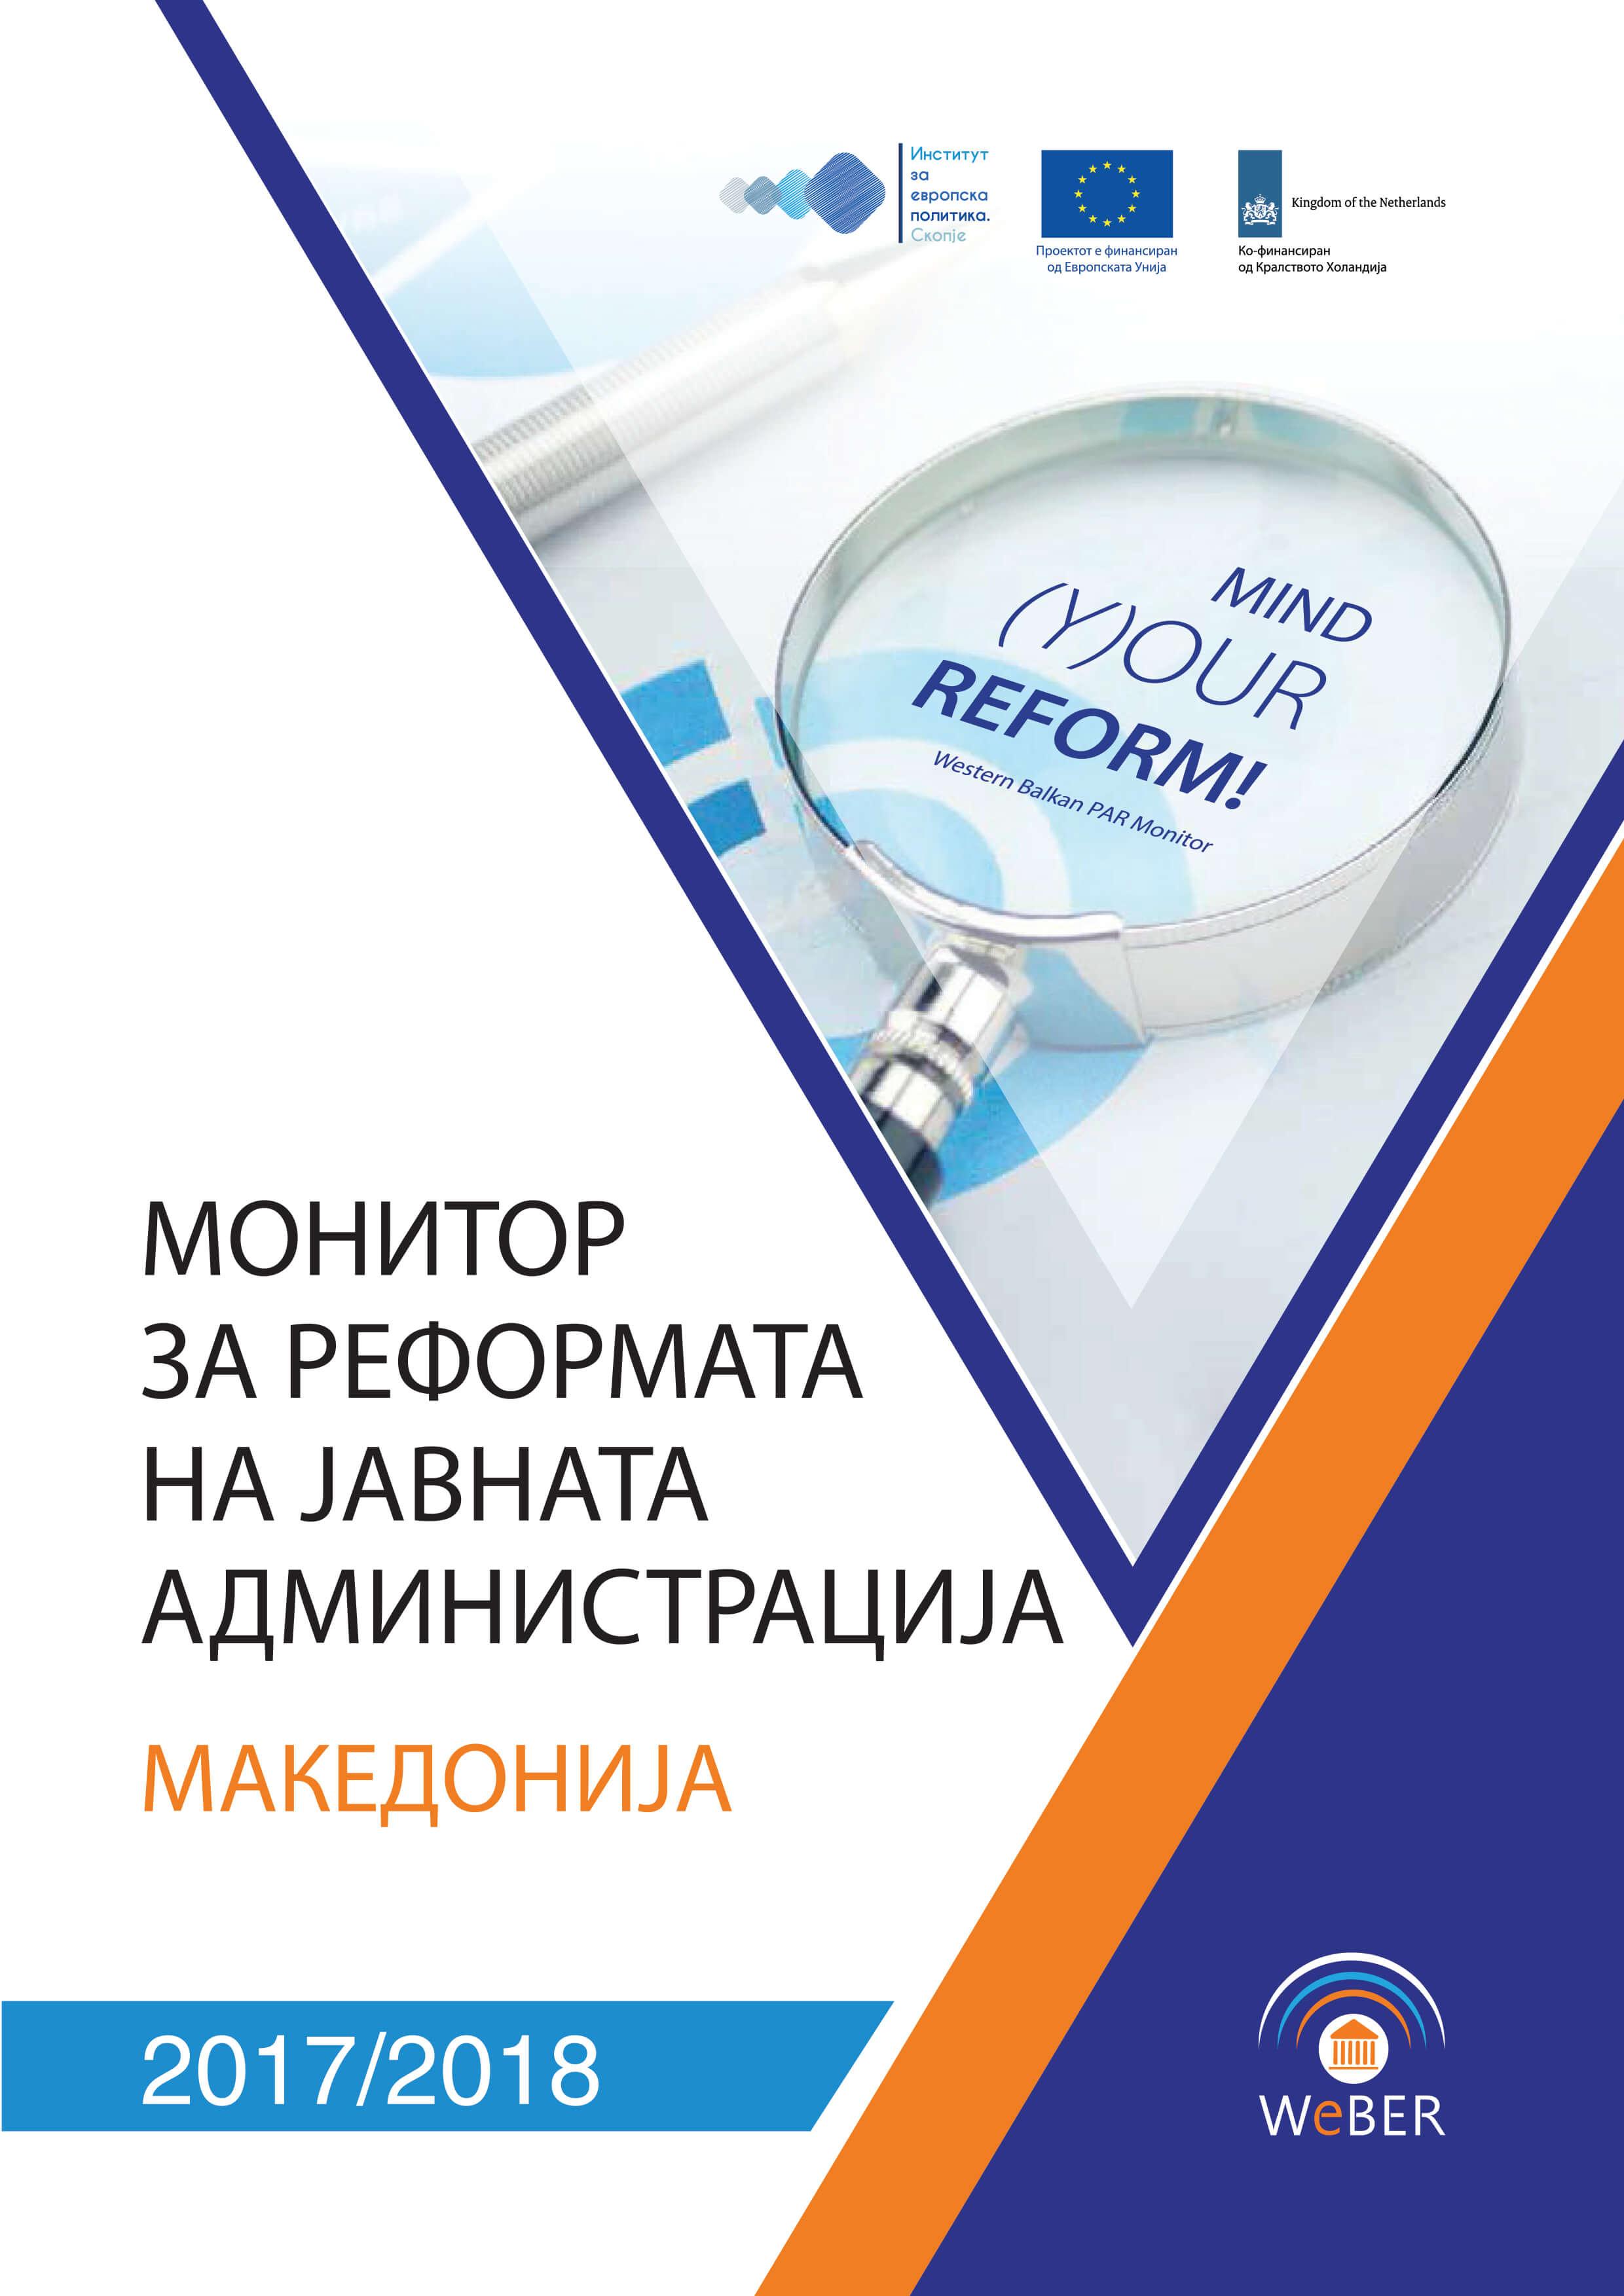 Извештај од следењето на РЈА во Македонија - 2017/2018